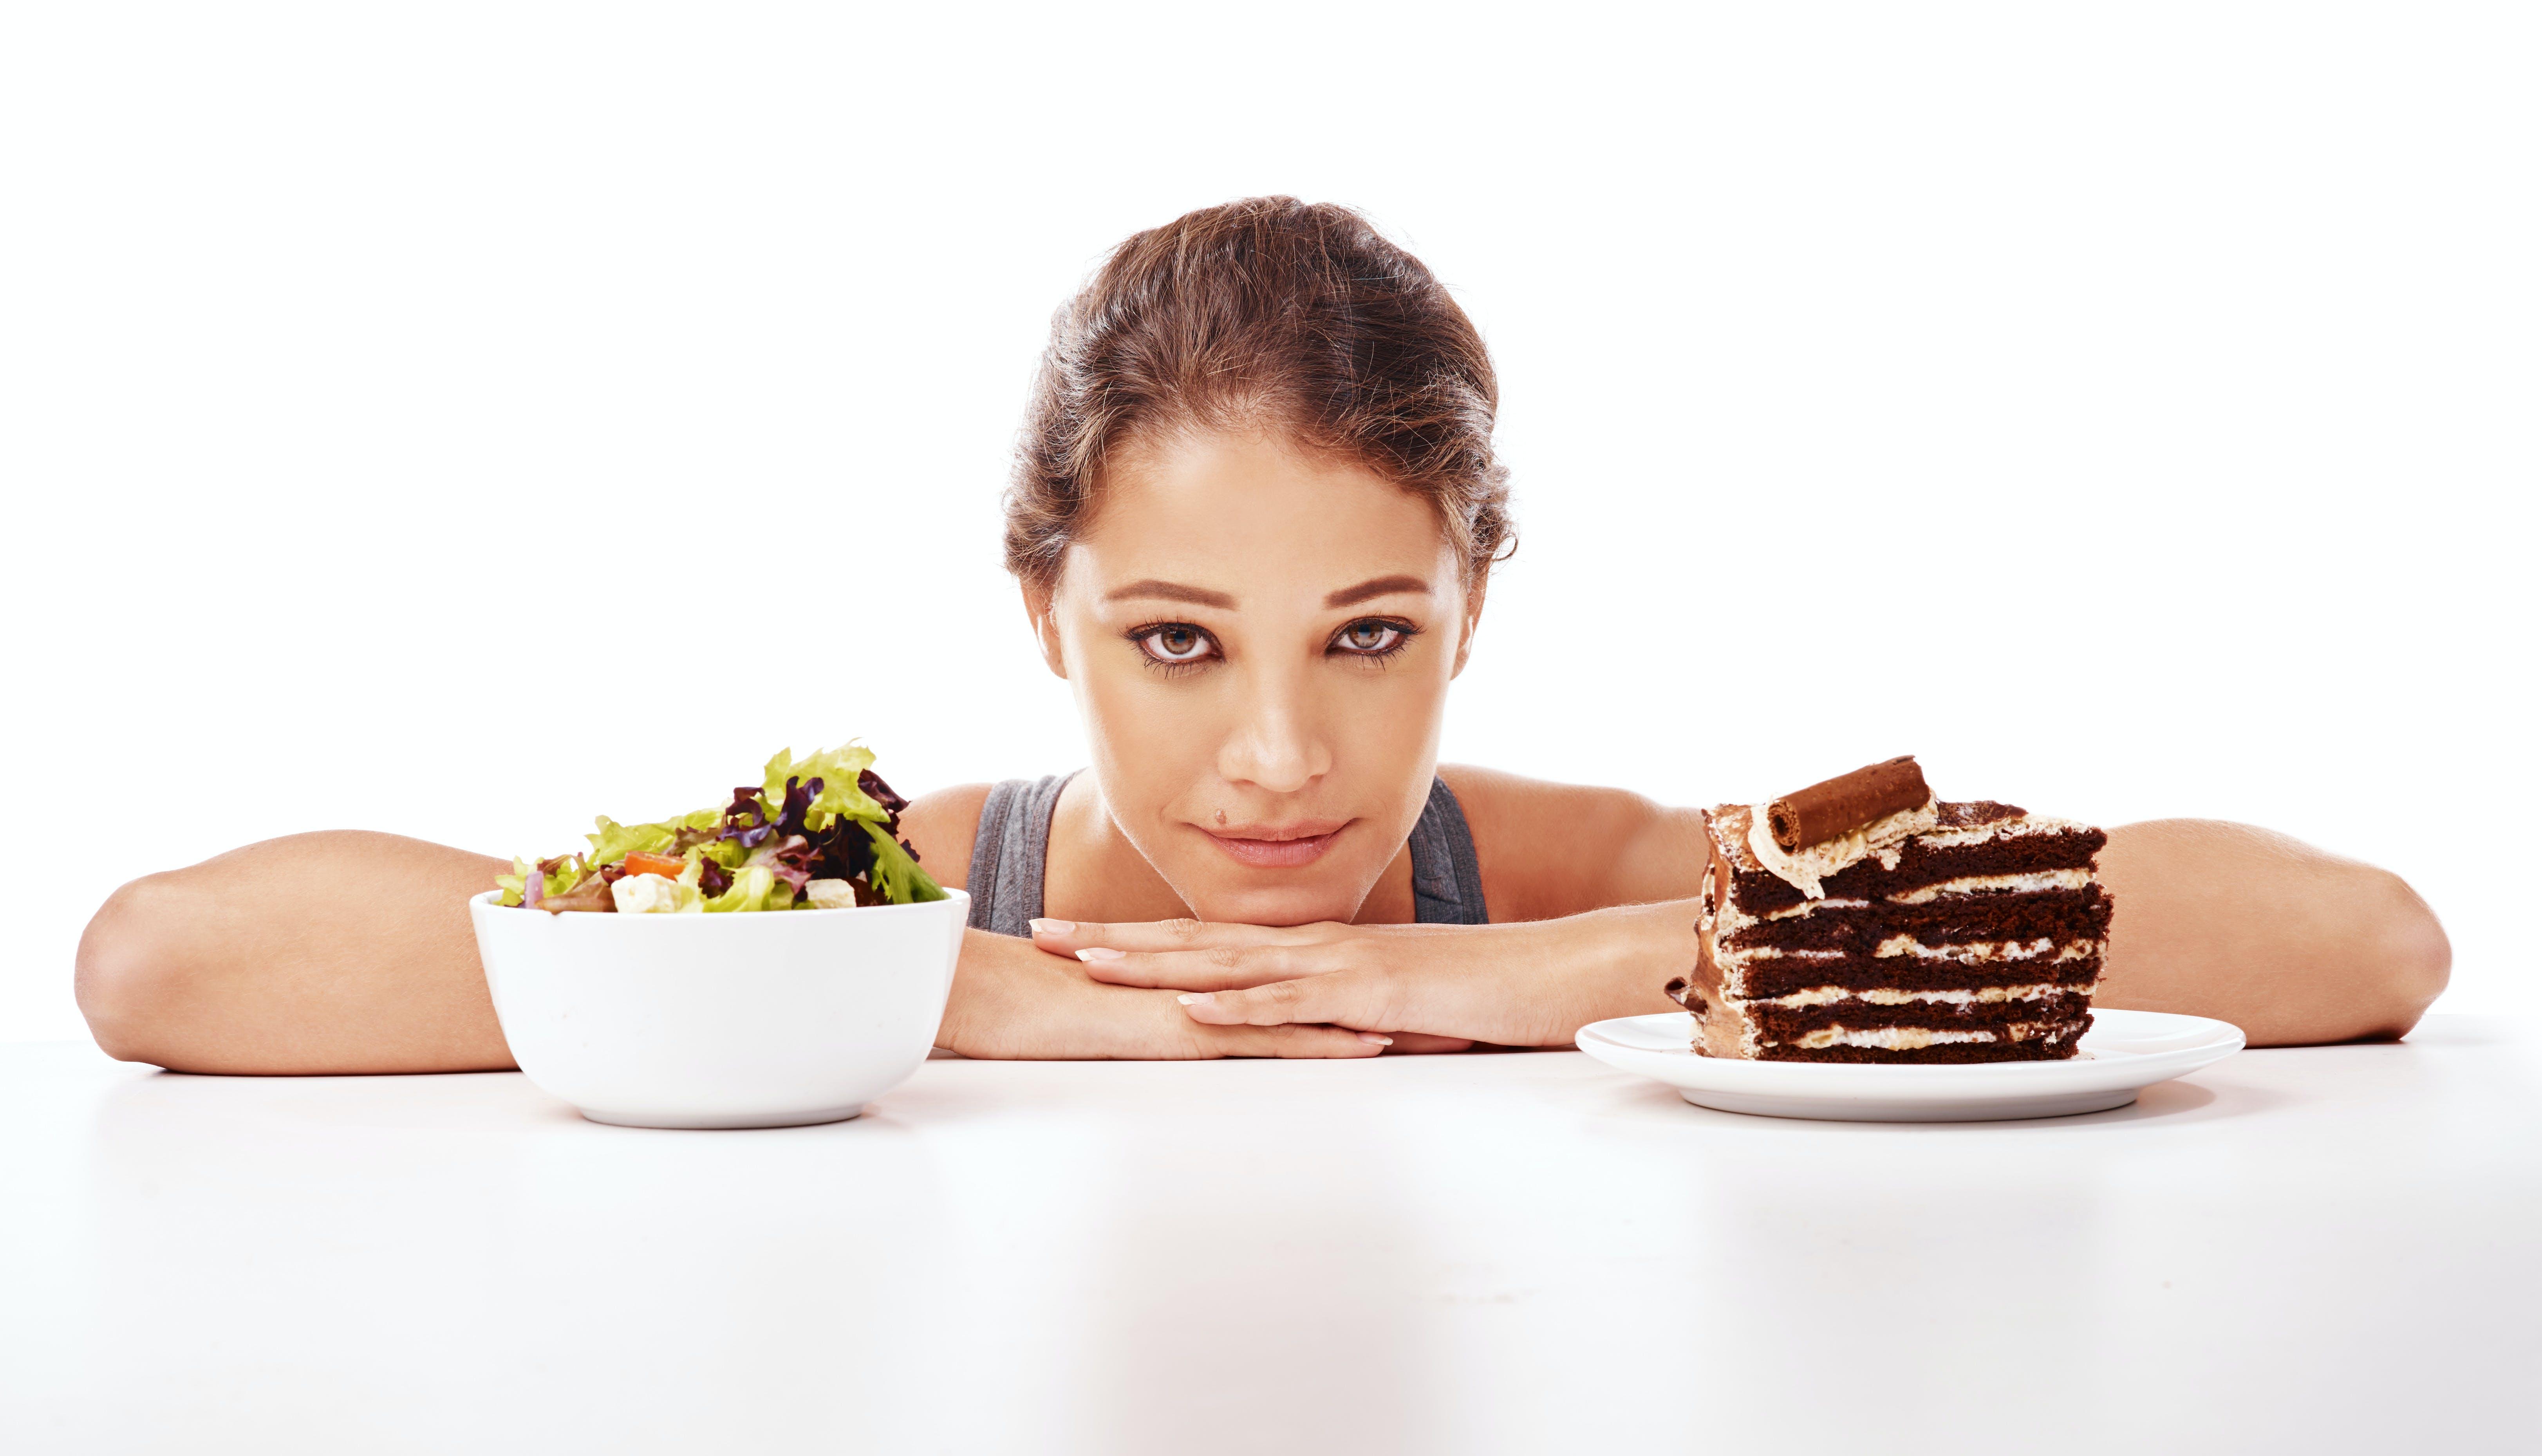 Woman-choosing-between-salad-or-chocolate-cake